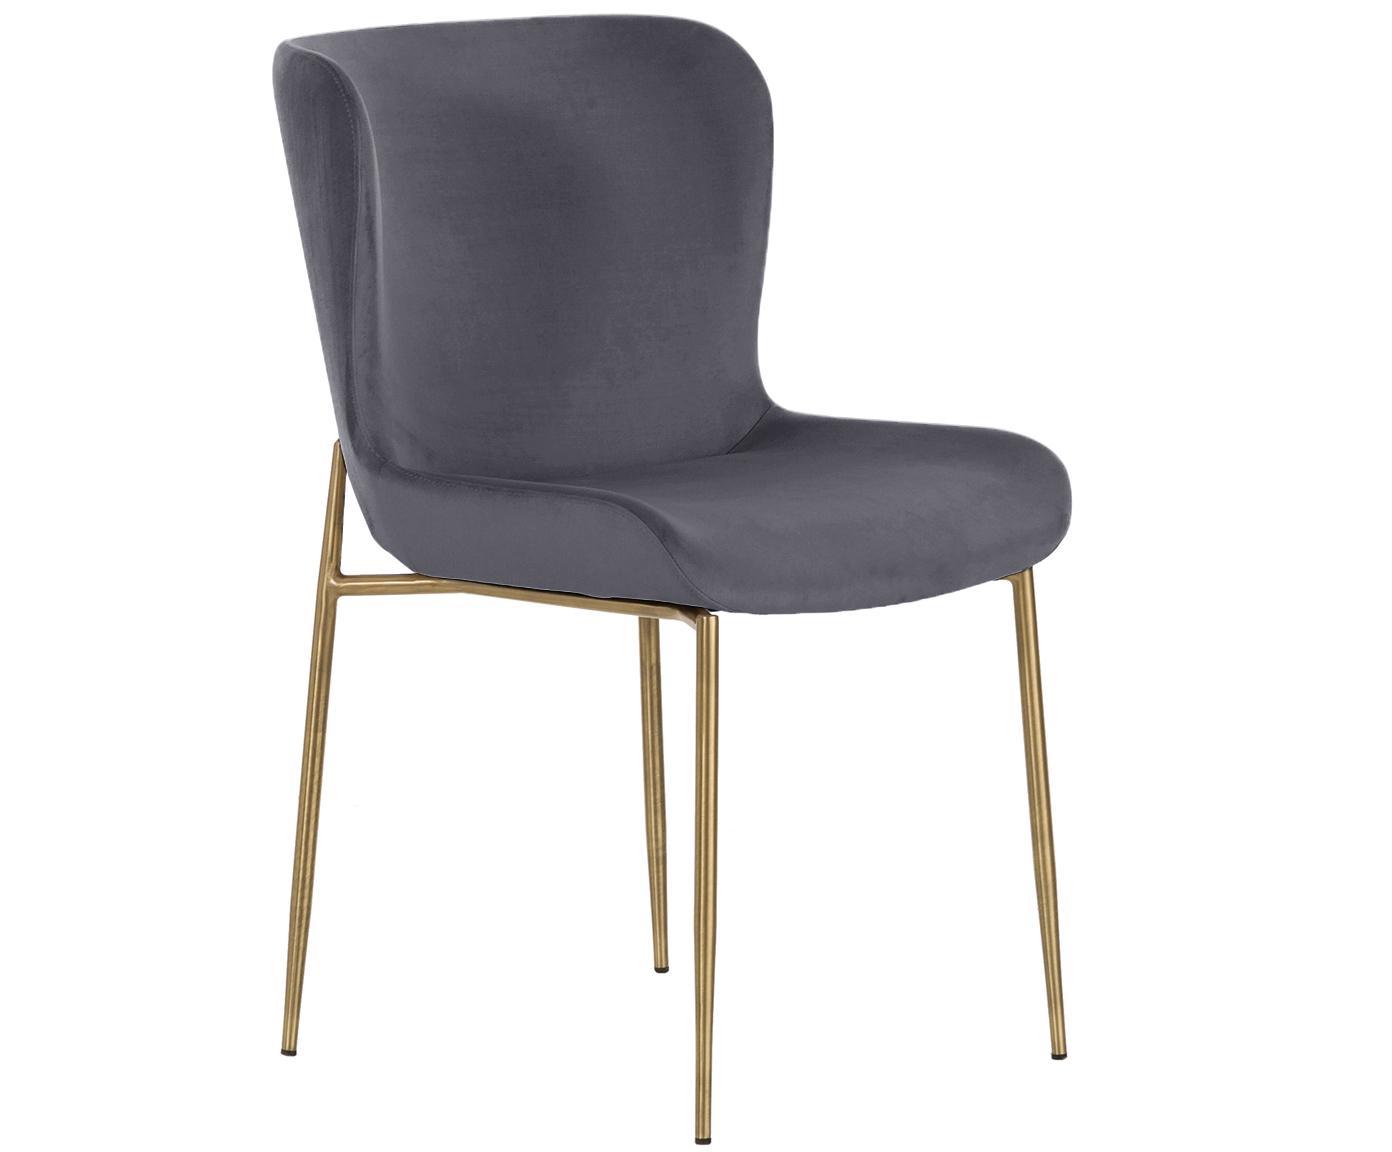 Krzesło tapicerowane z aksamitu Tess, Tapicerka: aksamit (poliester) 3000, Nogi: metal powlekany, Aksamitny antracytowy, nogi: złoty, S 48 x W 84 cm